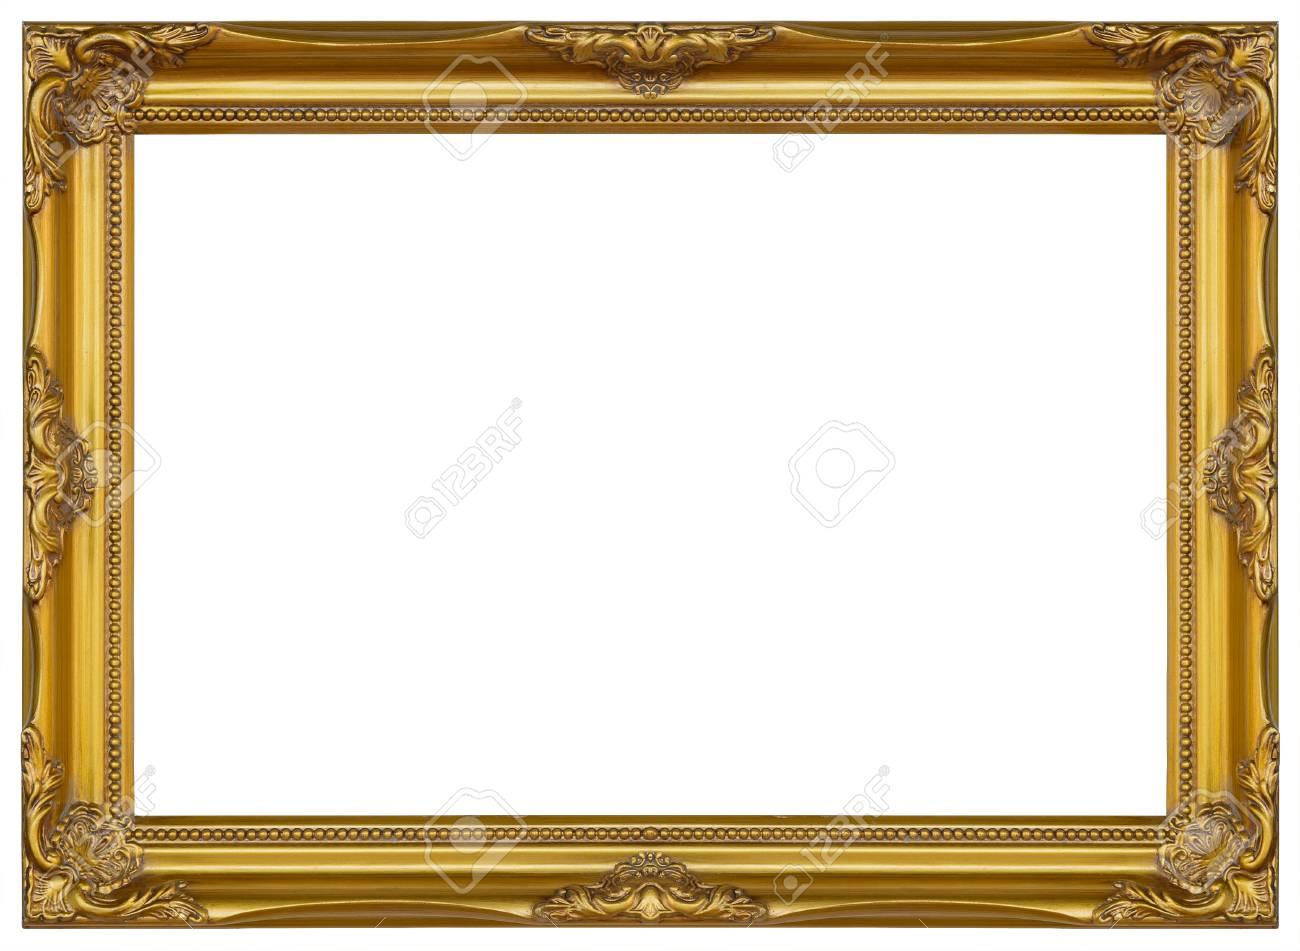 El Marco Antiguo Del Oro Aisló El Soporte De Madera Tallado ...